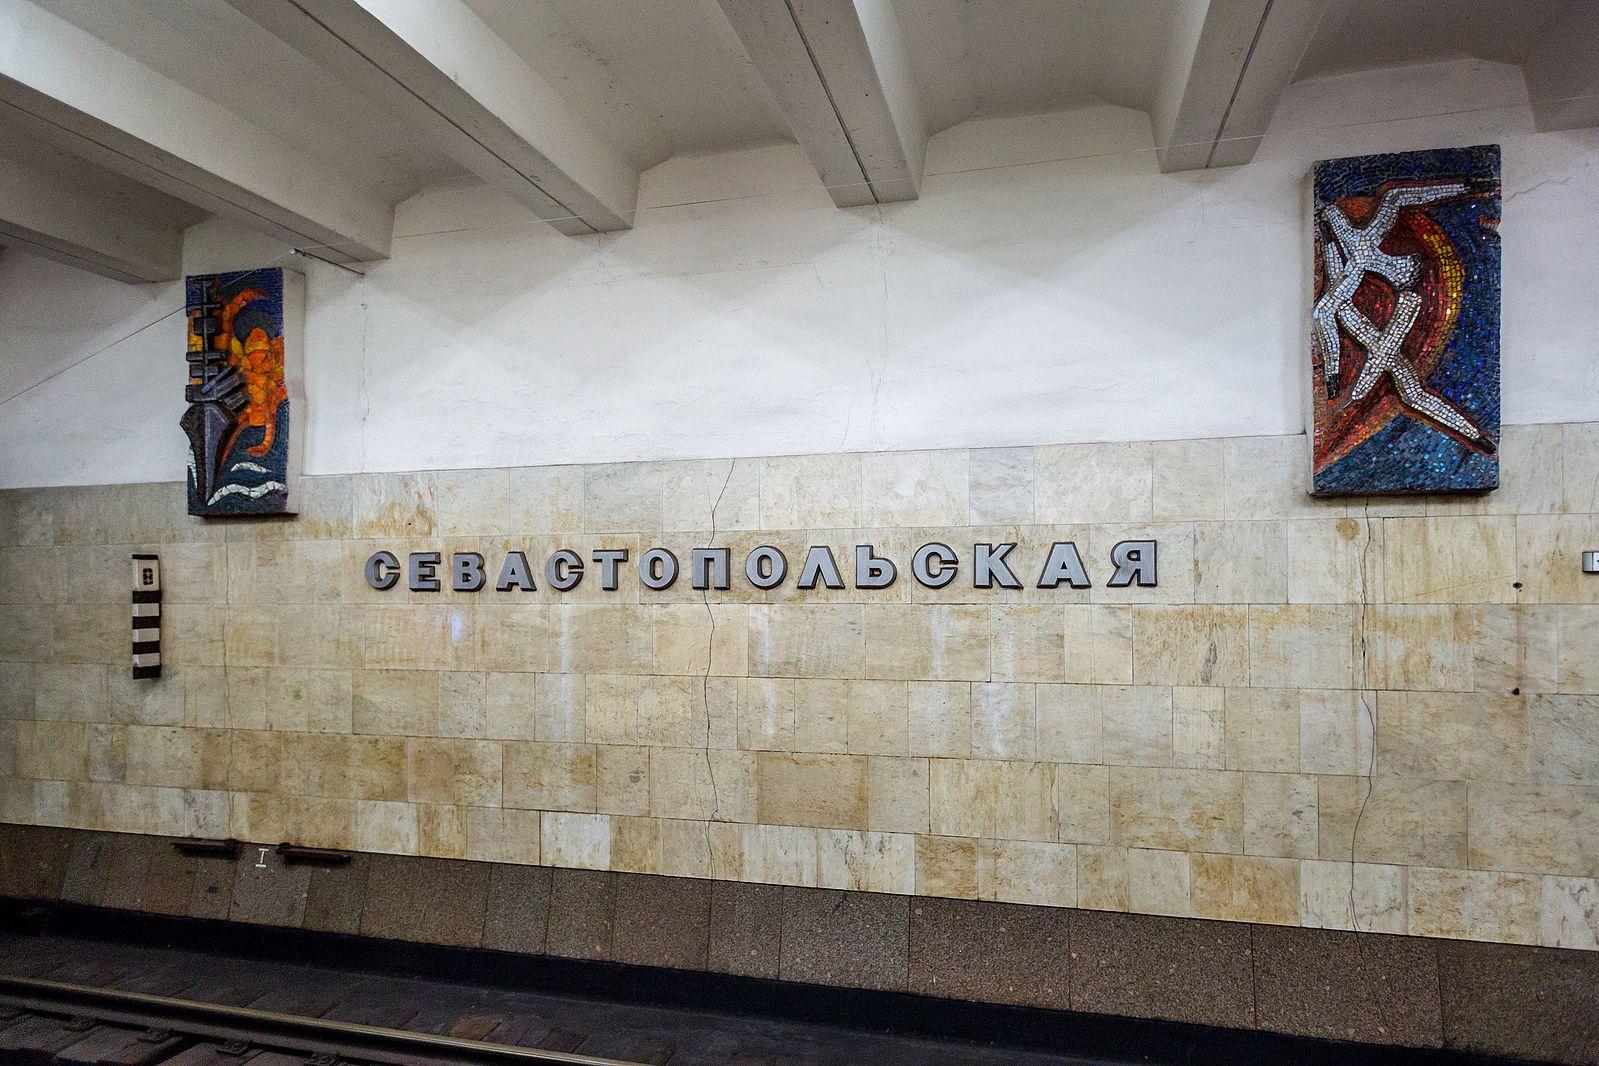 Доставка роз метро севастопольская, букет роз